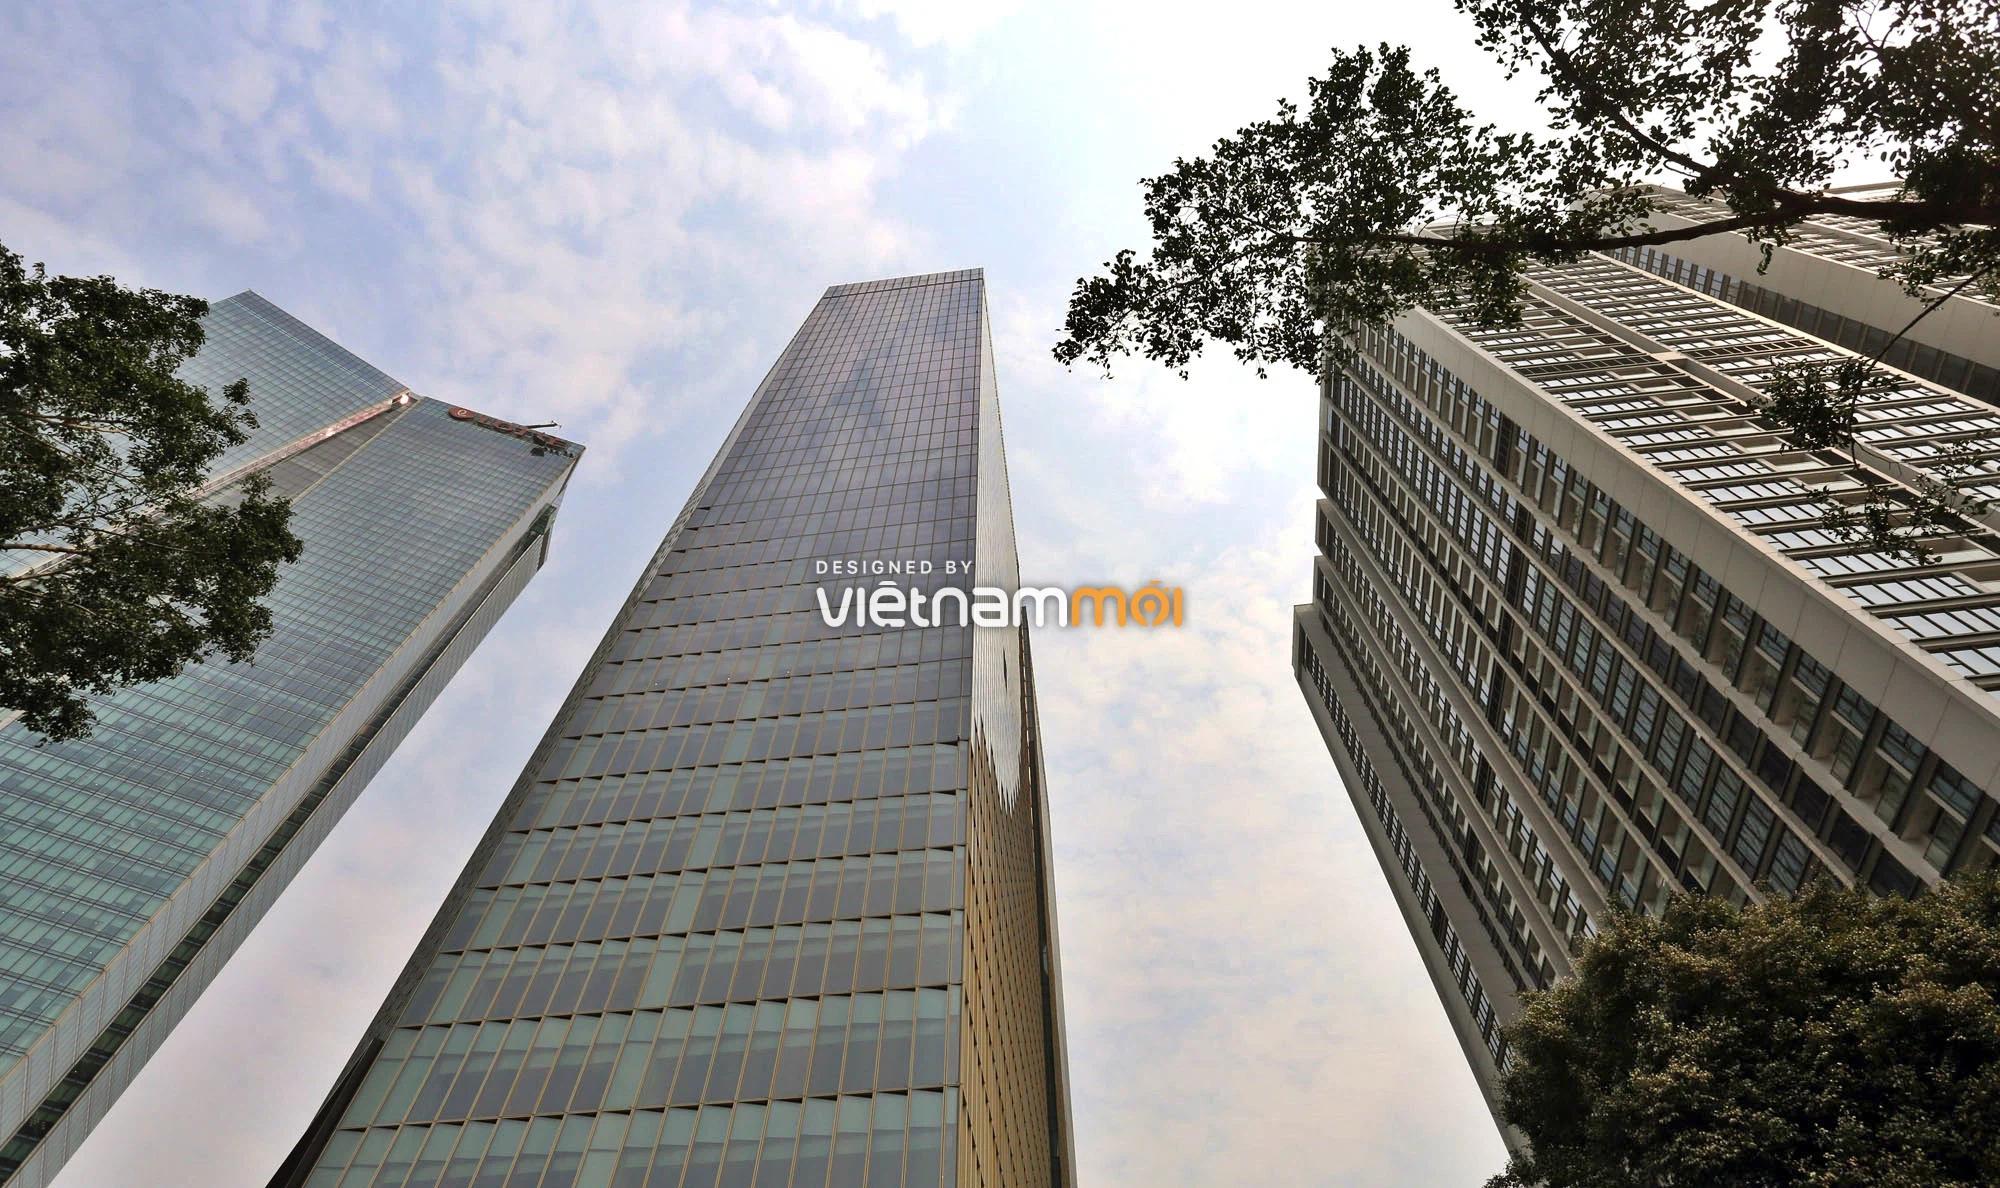 Cận cảnh tòa nhà duy nhất được xây trên 50 tầng ở vùng nội đô lịch sử - Ảnh 12.